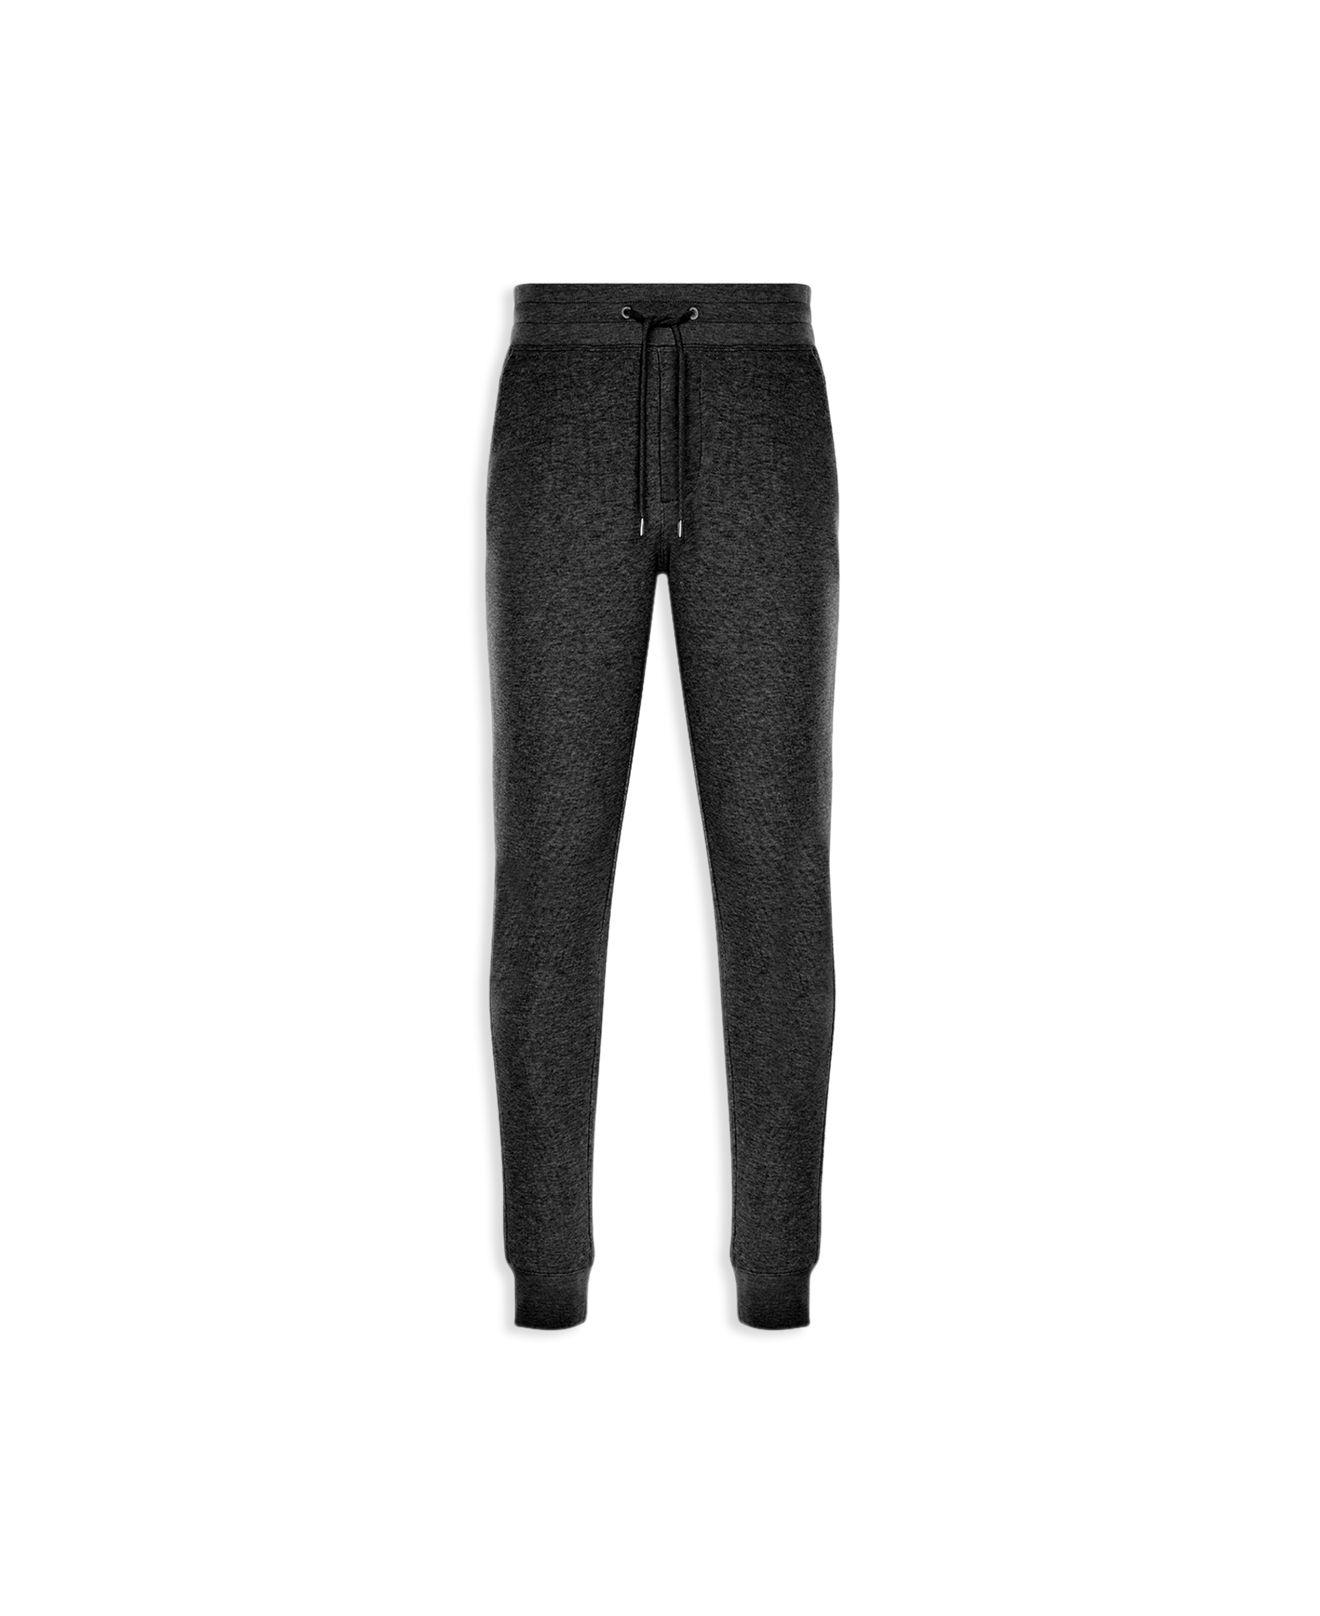 Moncler. Men's Black Jogger Sweatpants